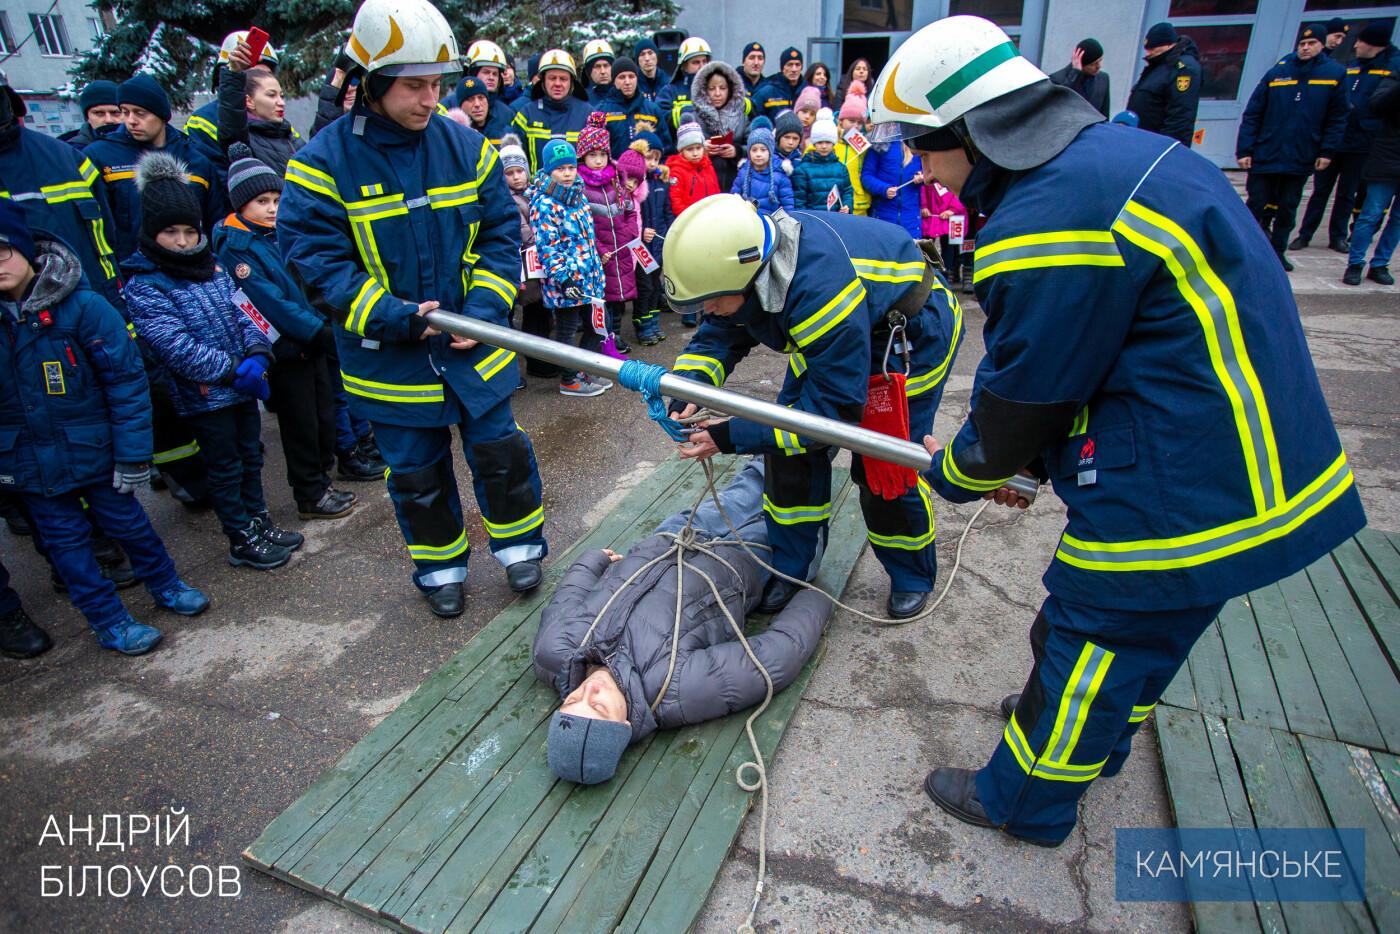 Каменским спасателям вручили новую защитную форму, фото-3